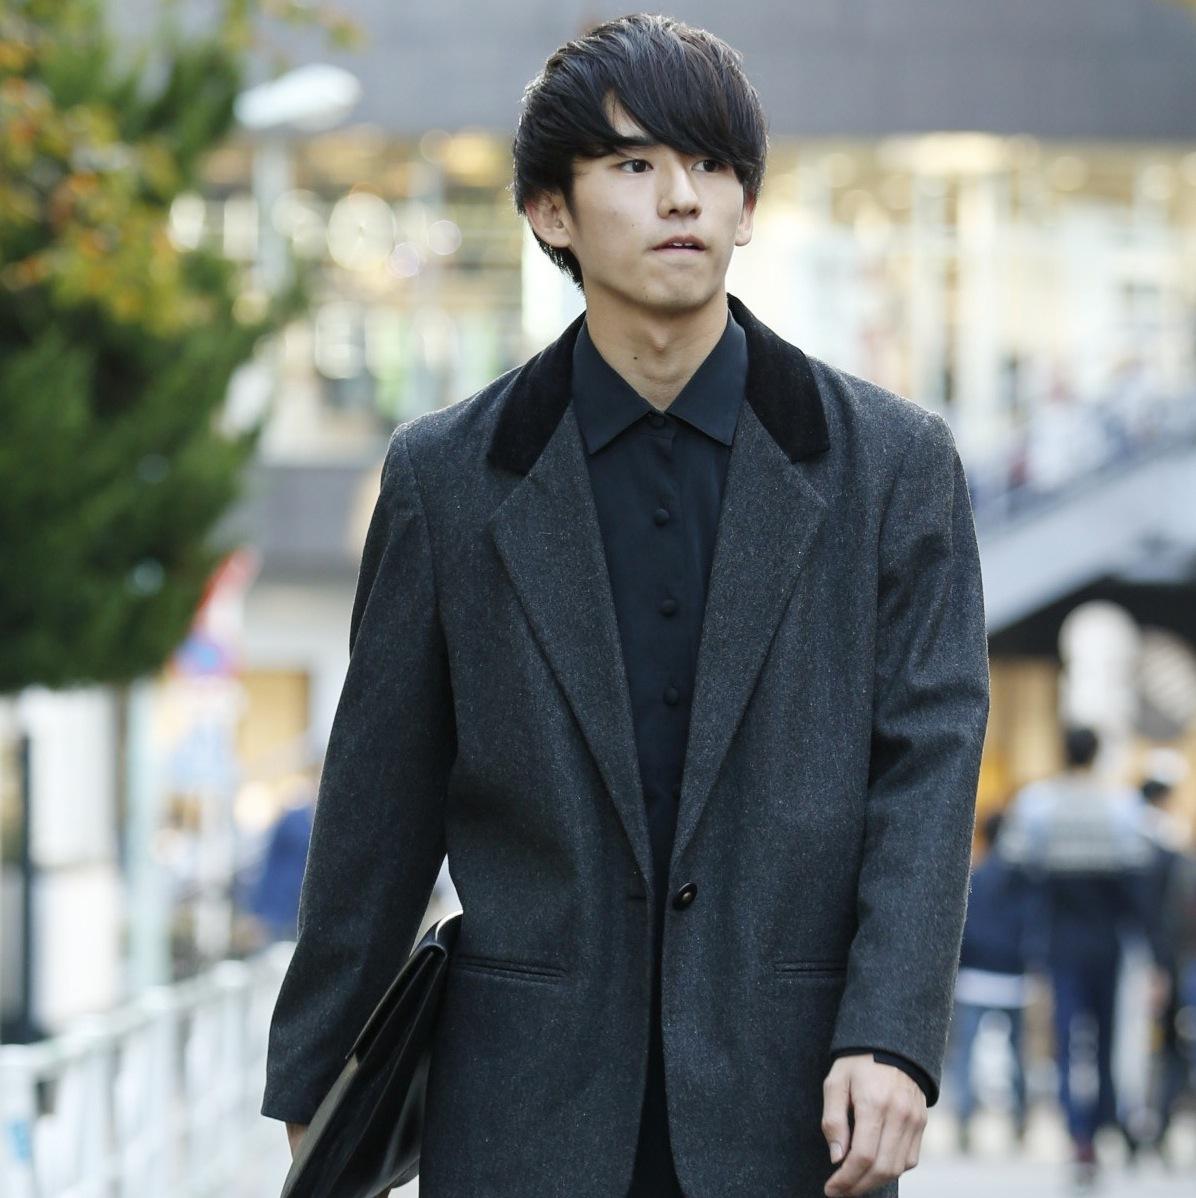 【SNAP JACK】大人っぽくモノトーンにキメるジャケットスタイル!<br />江尻懐平くん・東京理科大学2年生